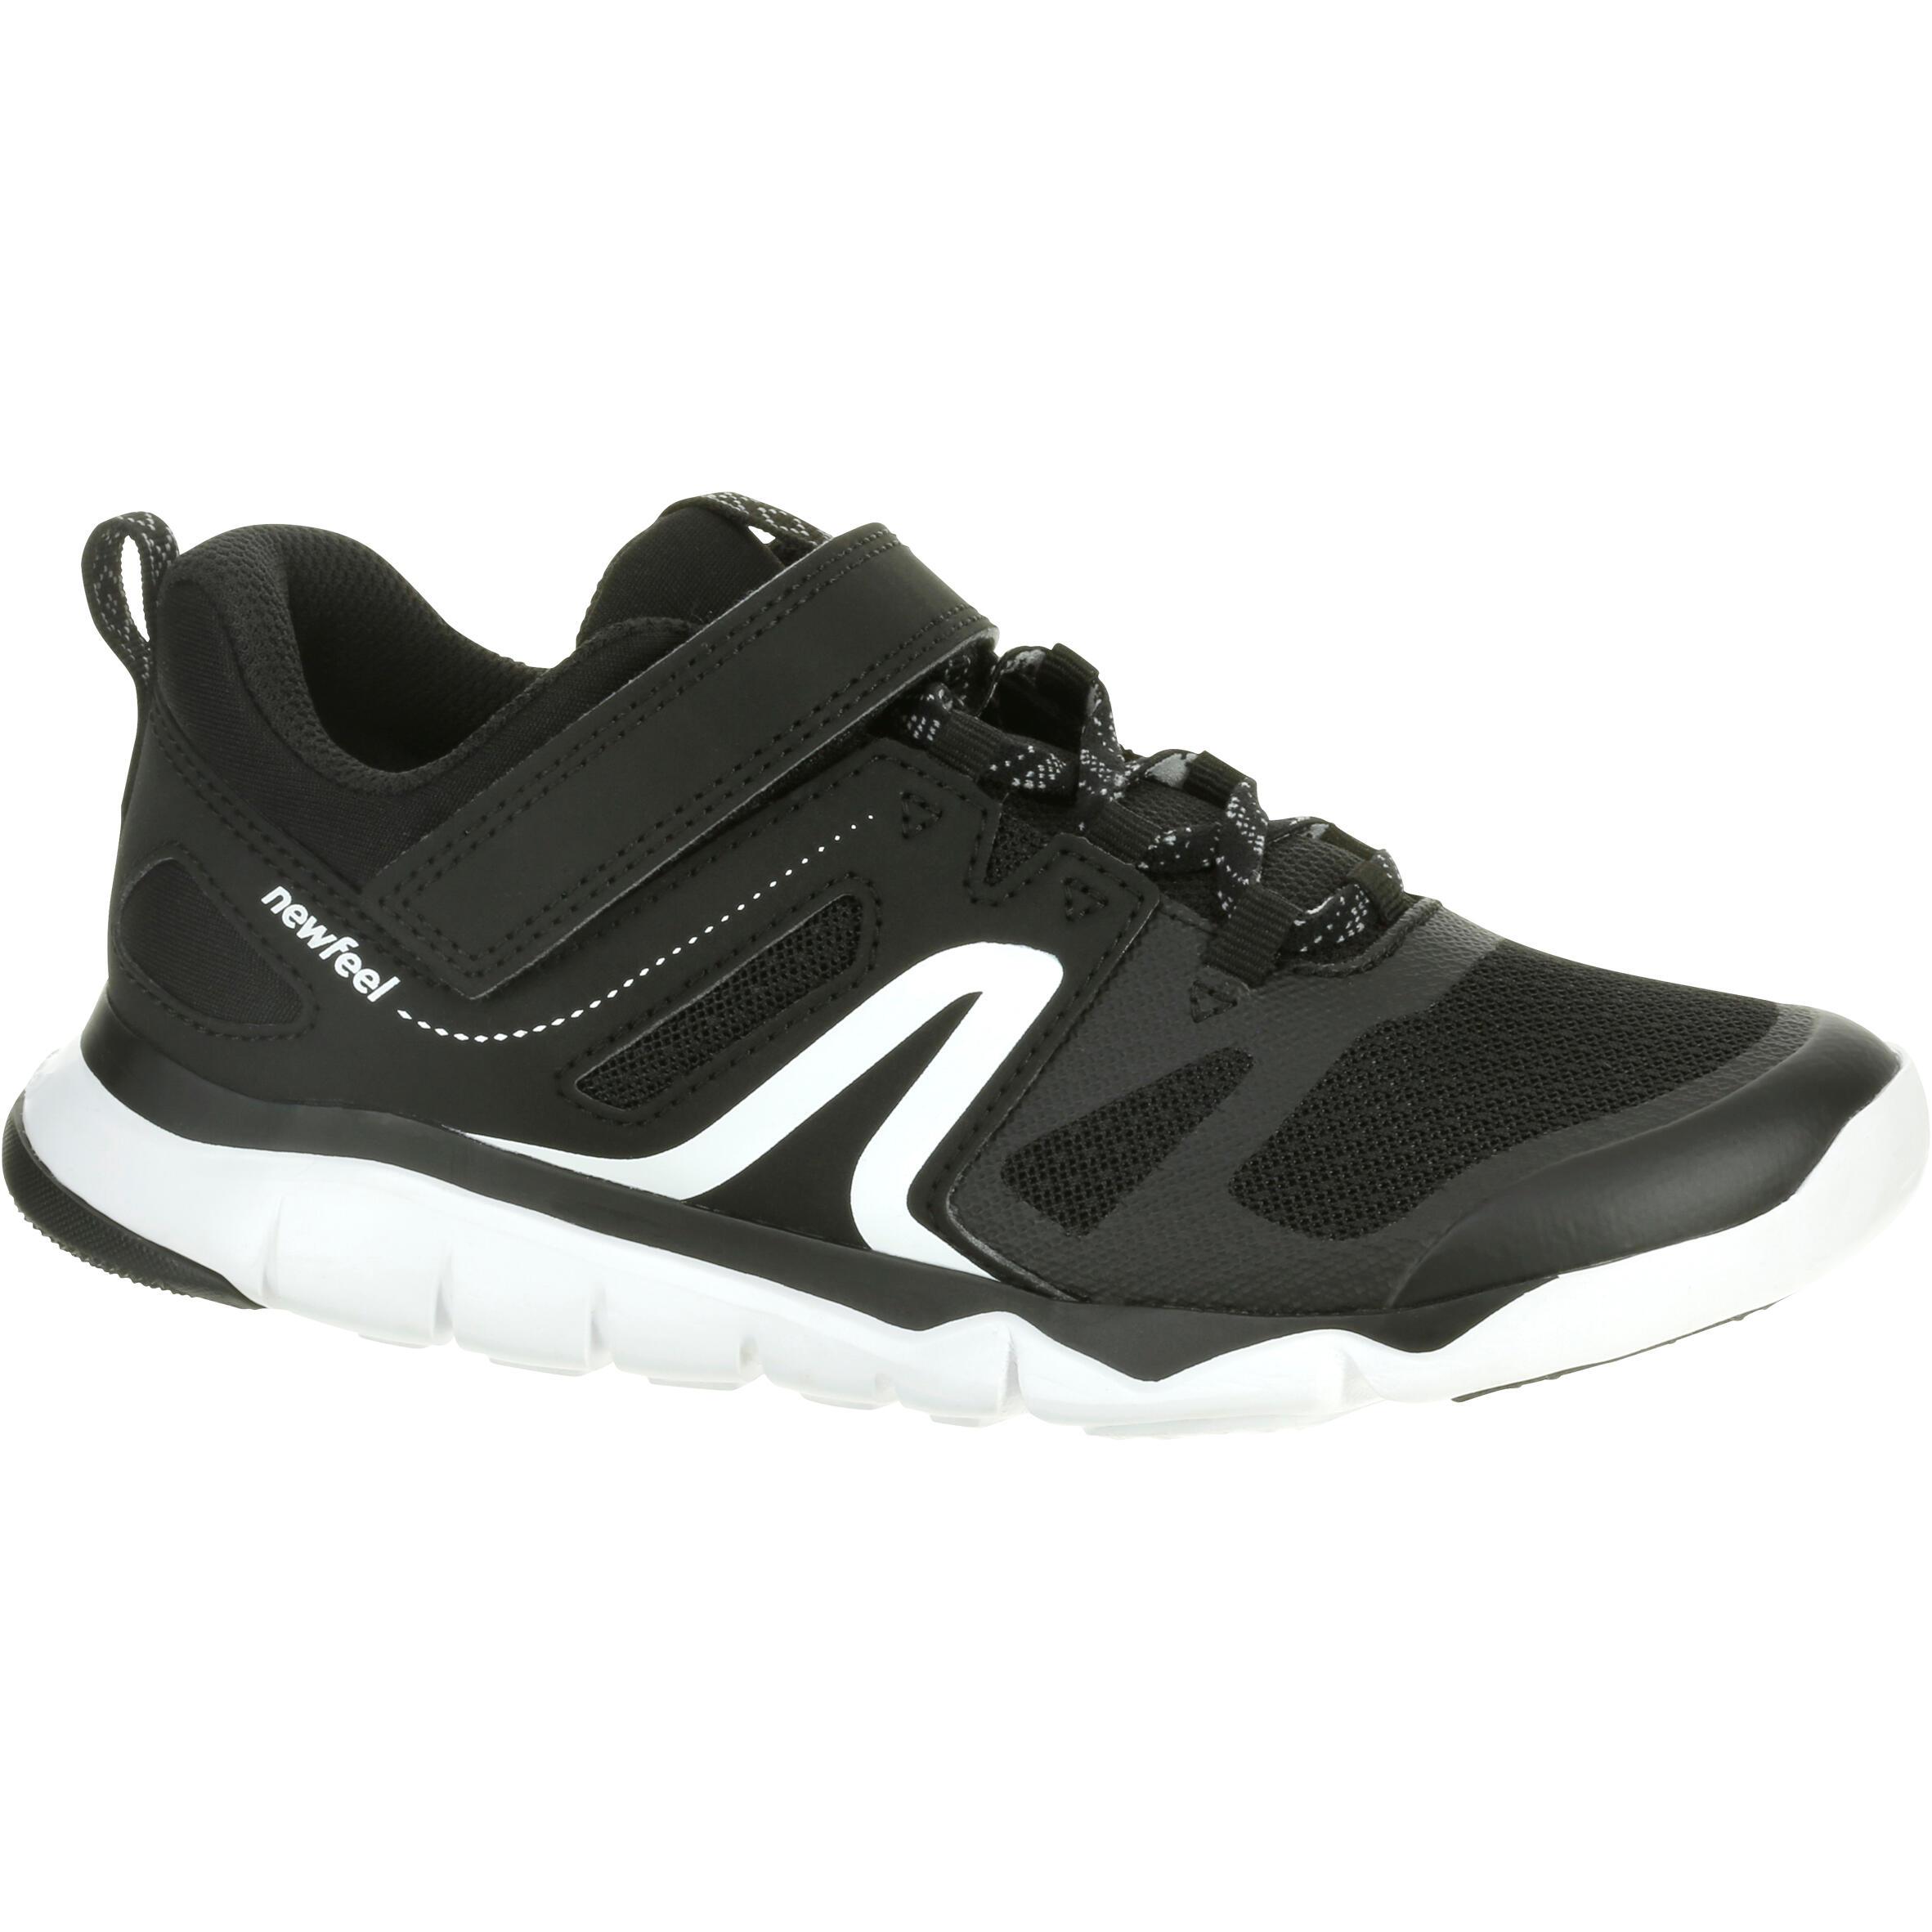 Chaussures marche enfant pw 540 noir blanc newfeel